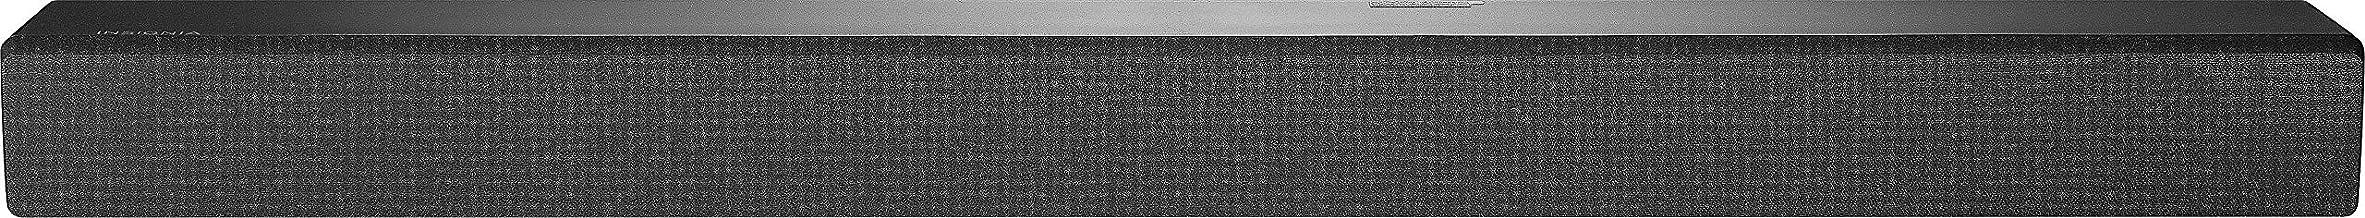 Insignia - 2.0-Channel Soundbar with Digital Amplifier - Black